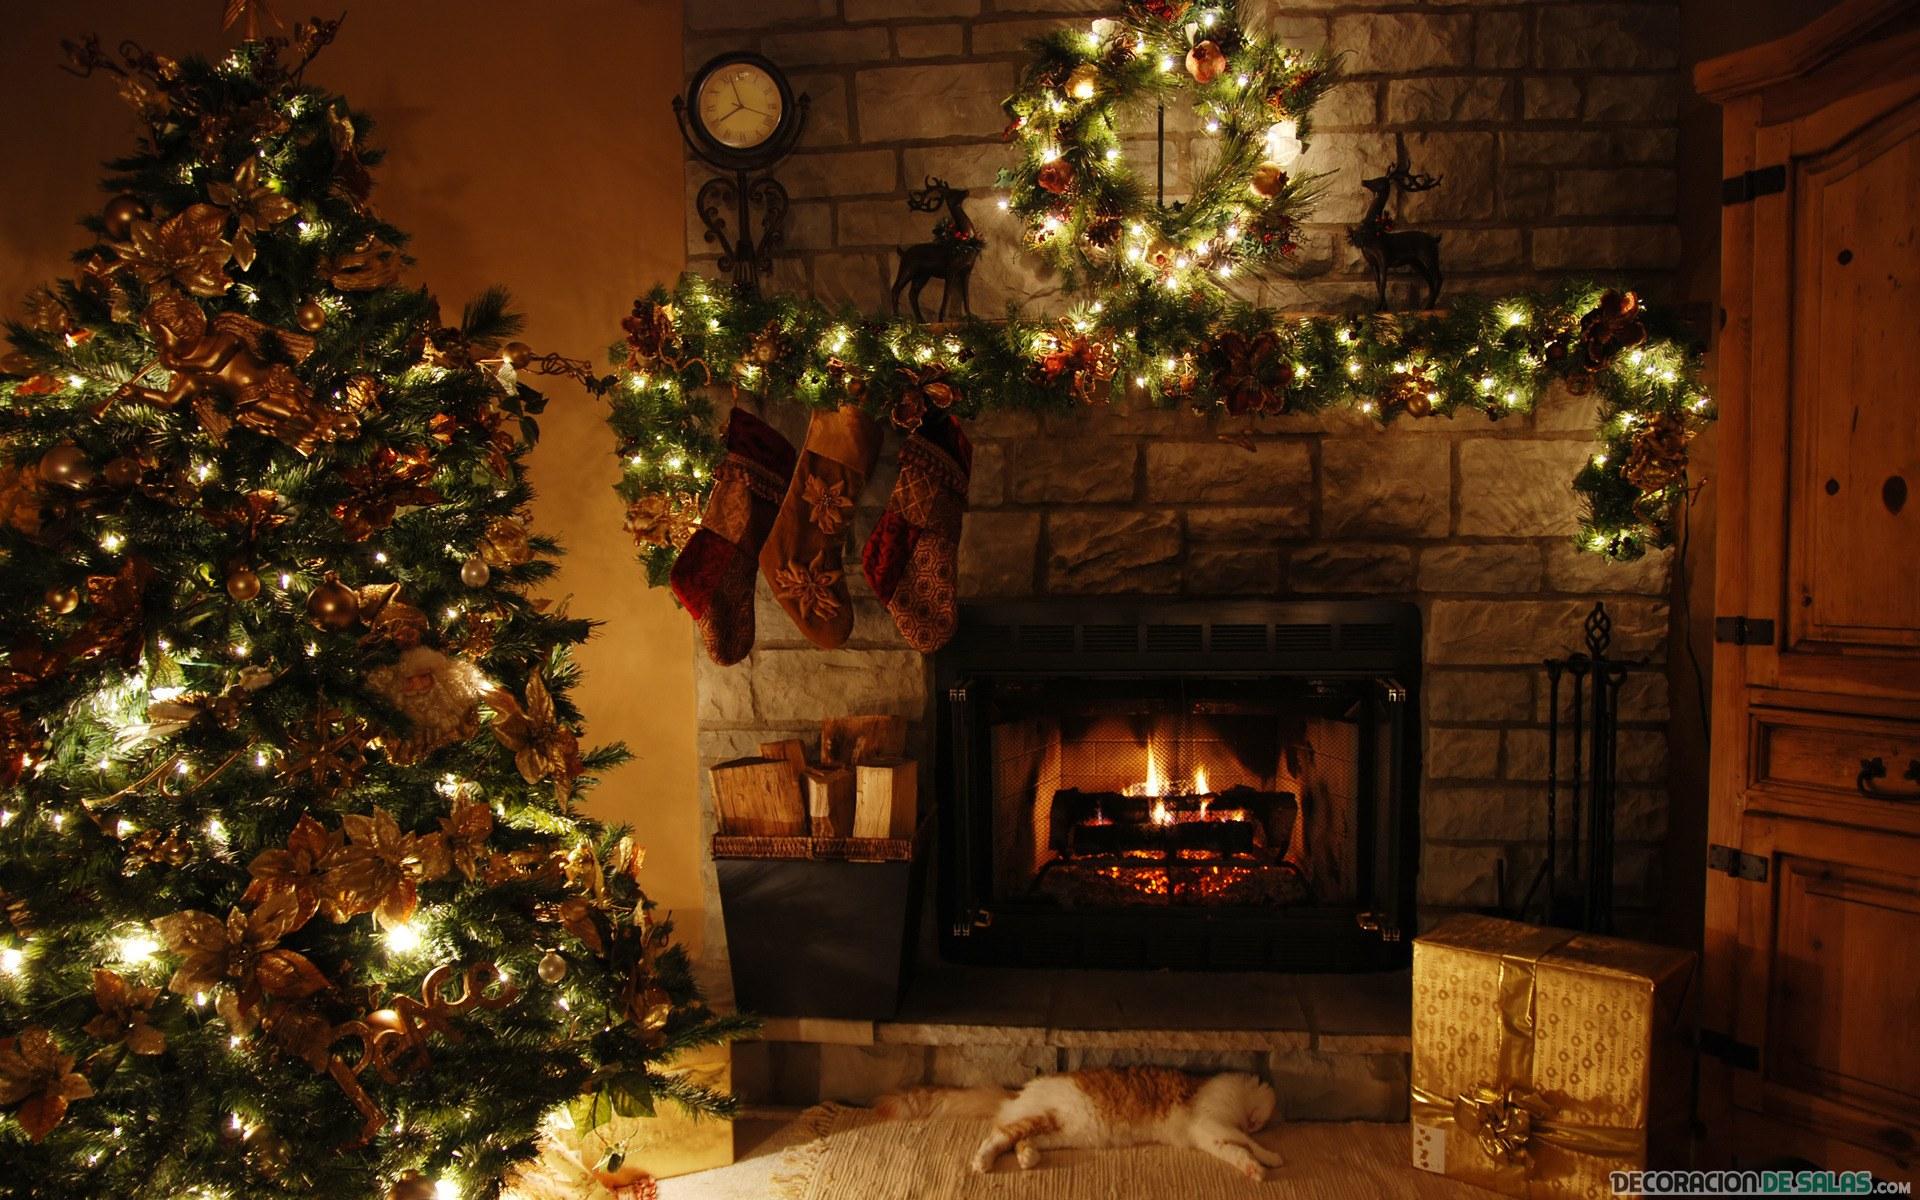 saln rstico con decoracin de navidad